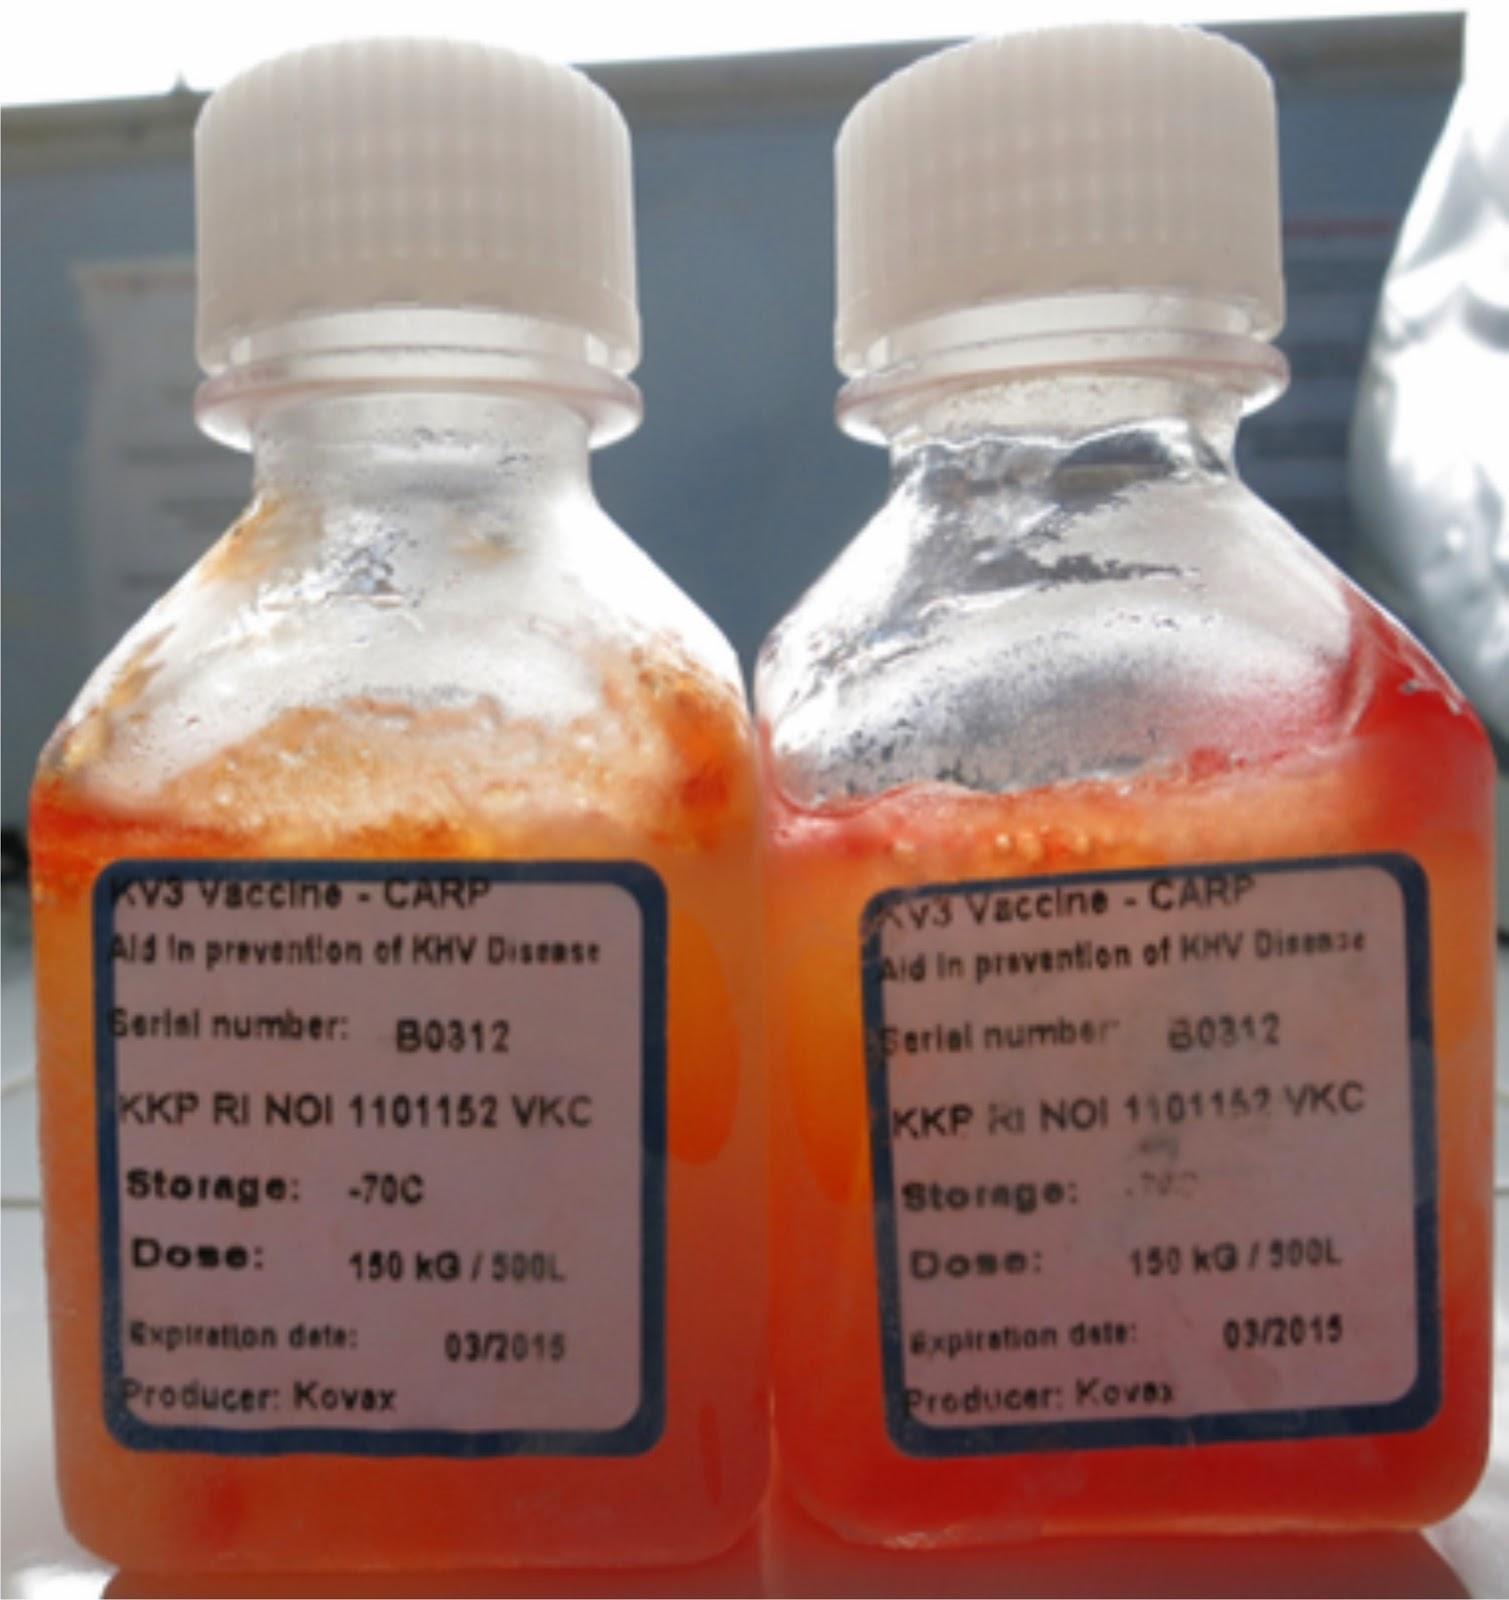 Vaksin KV3